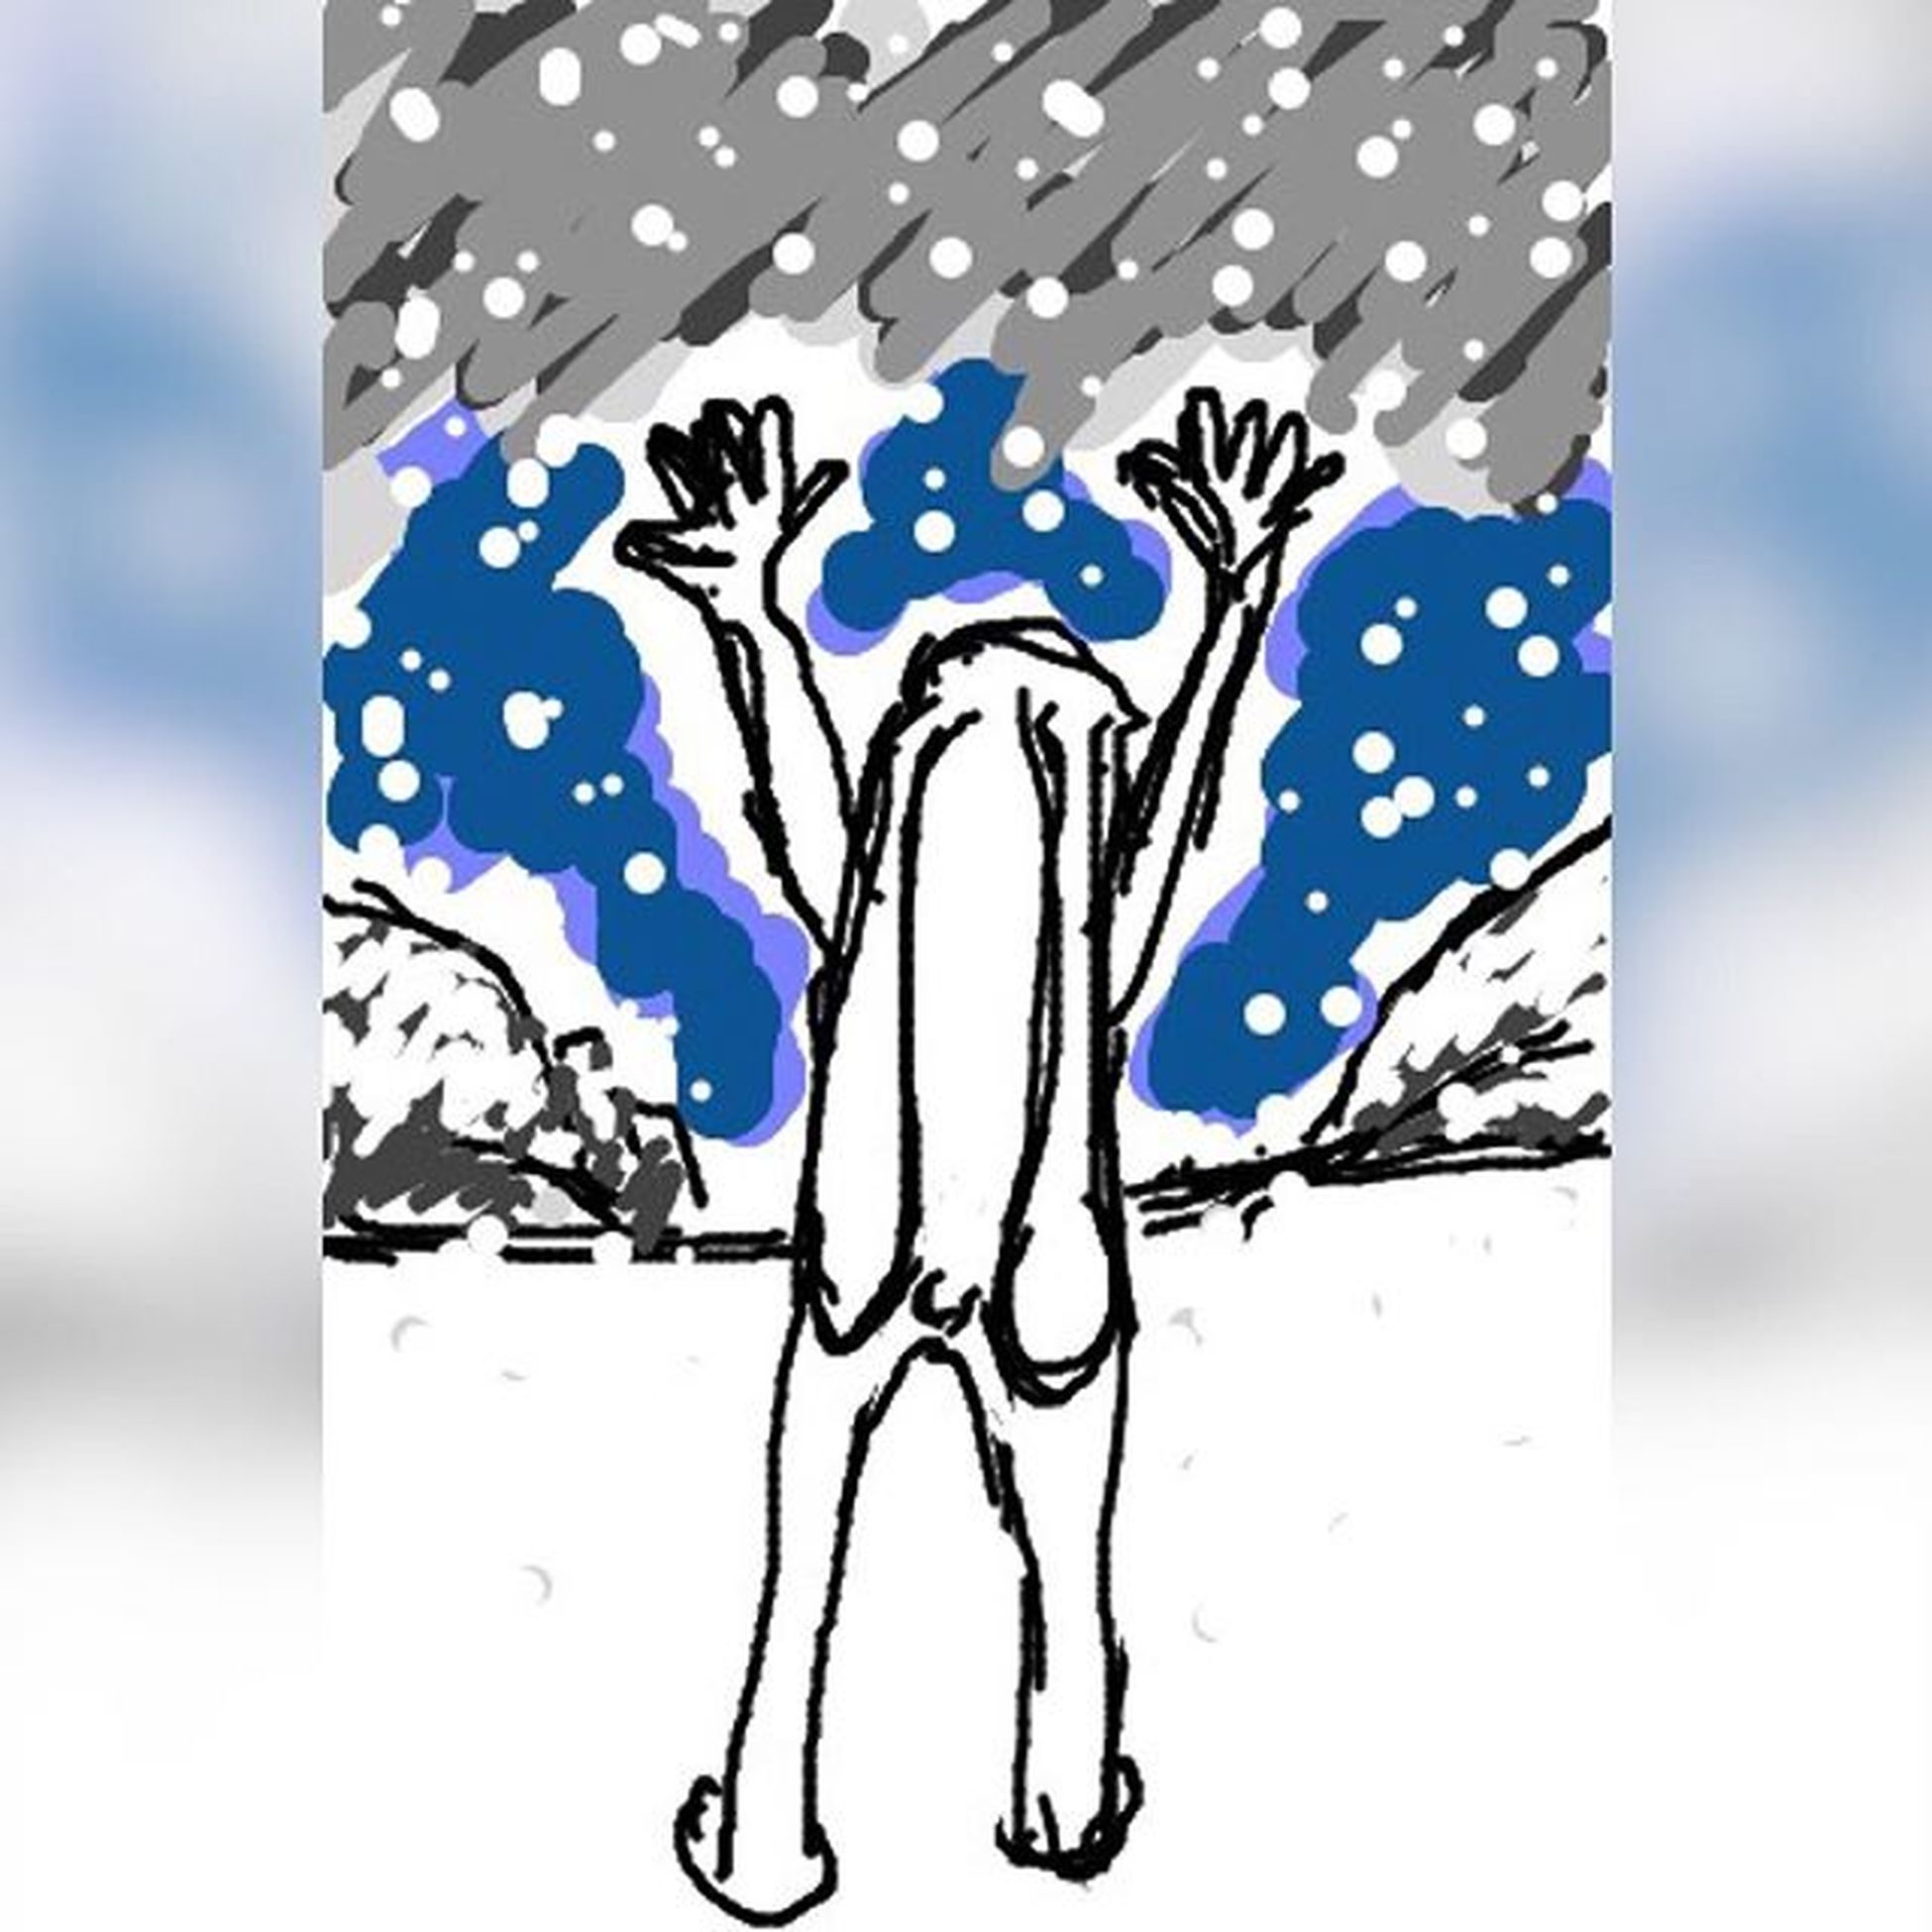 降雪祈願。 H_imagineartworks Himagine イラスト 落書き 手書き ひまじん